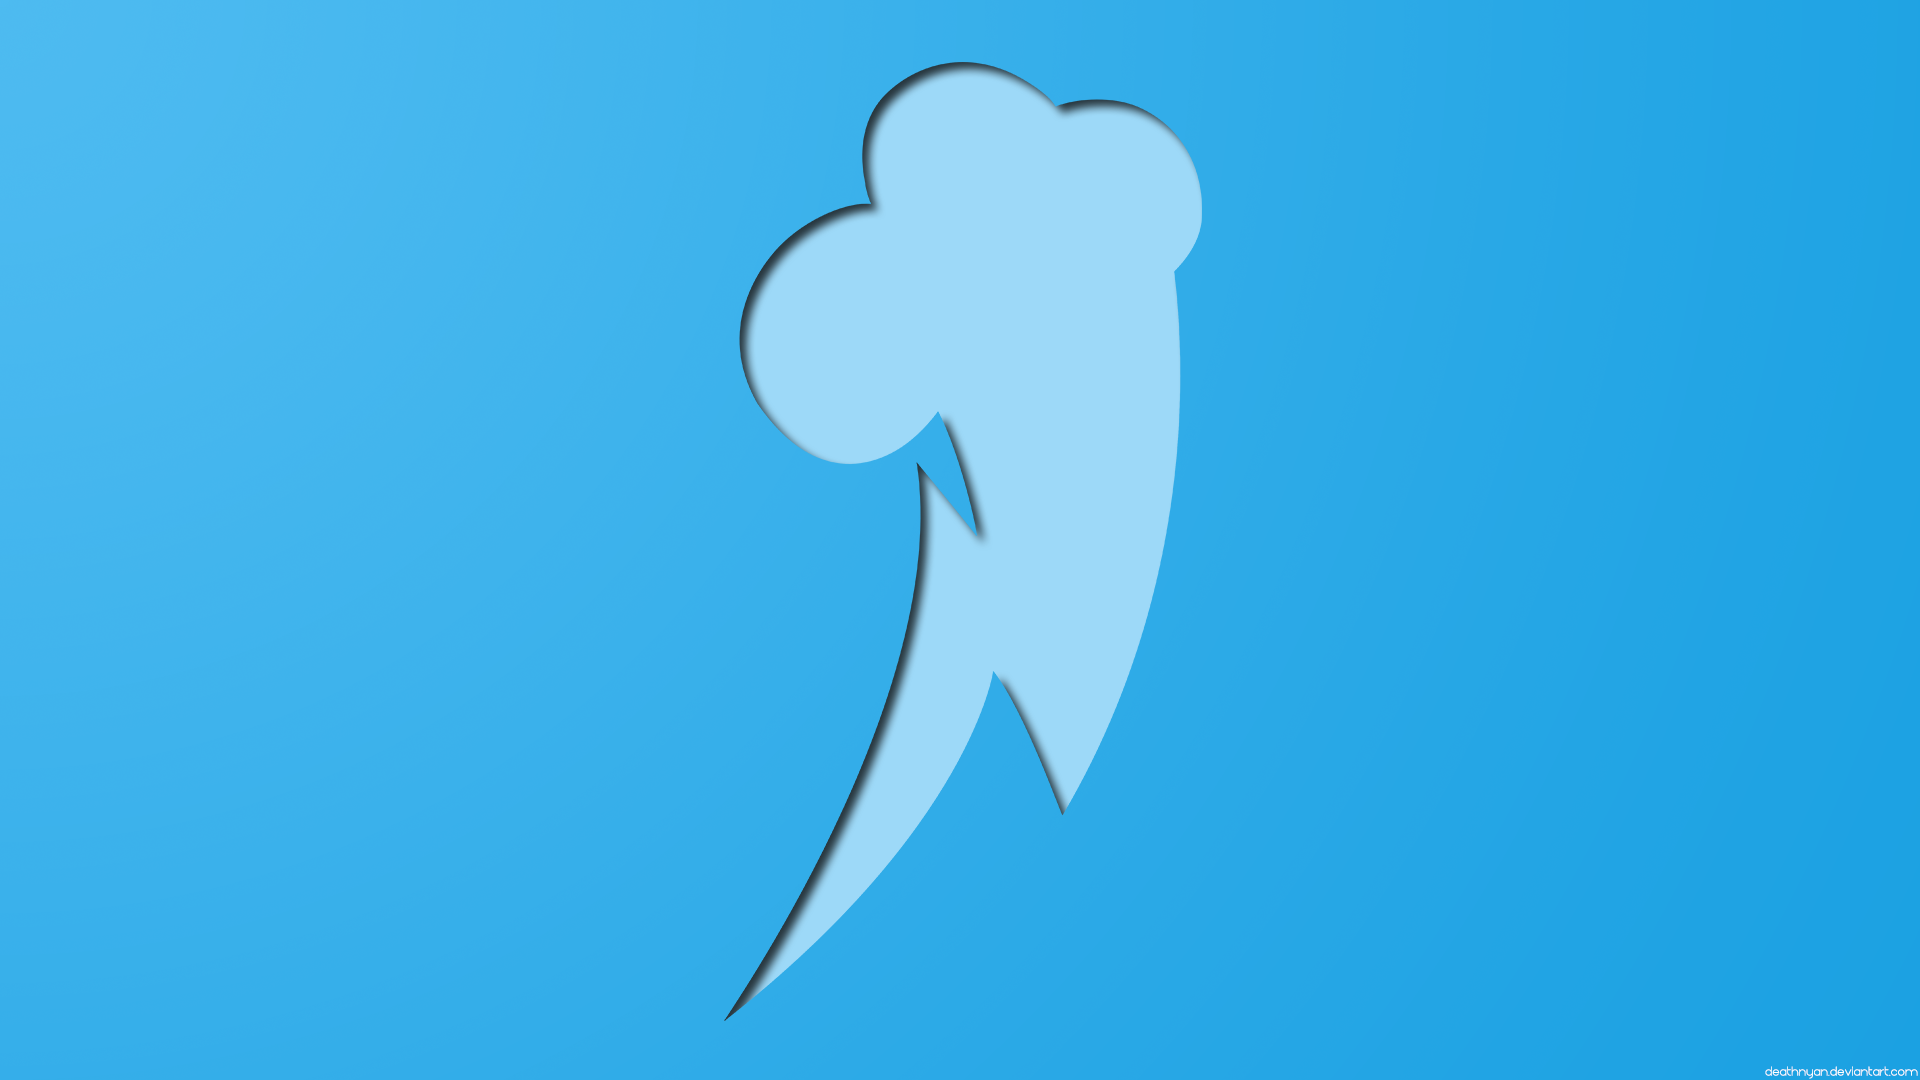 Windows 8 Wallpaper - Rainbow Dash by DeathNyan on deviantART